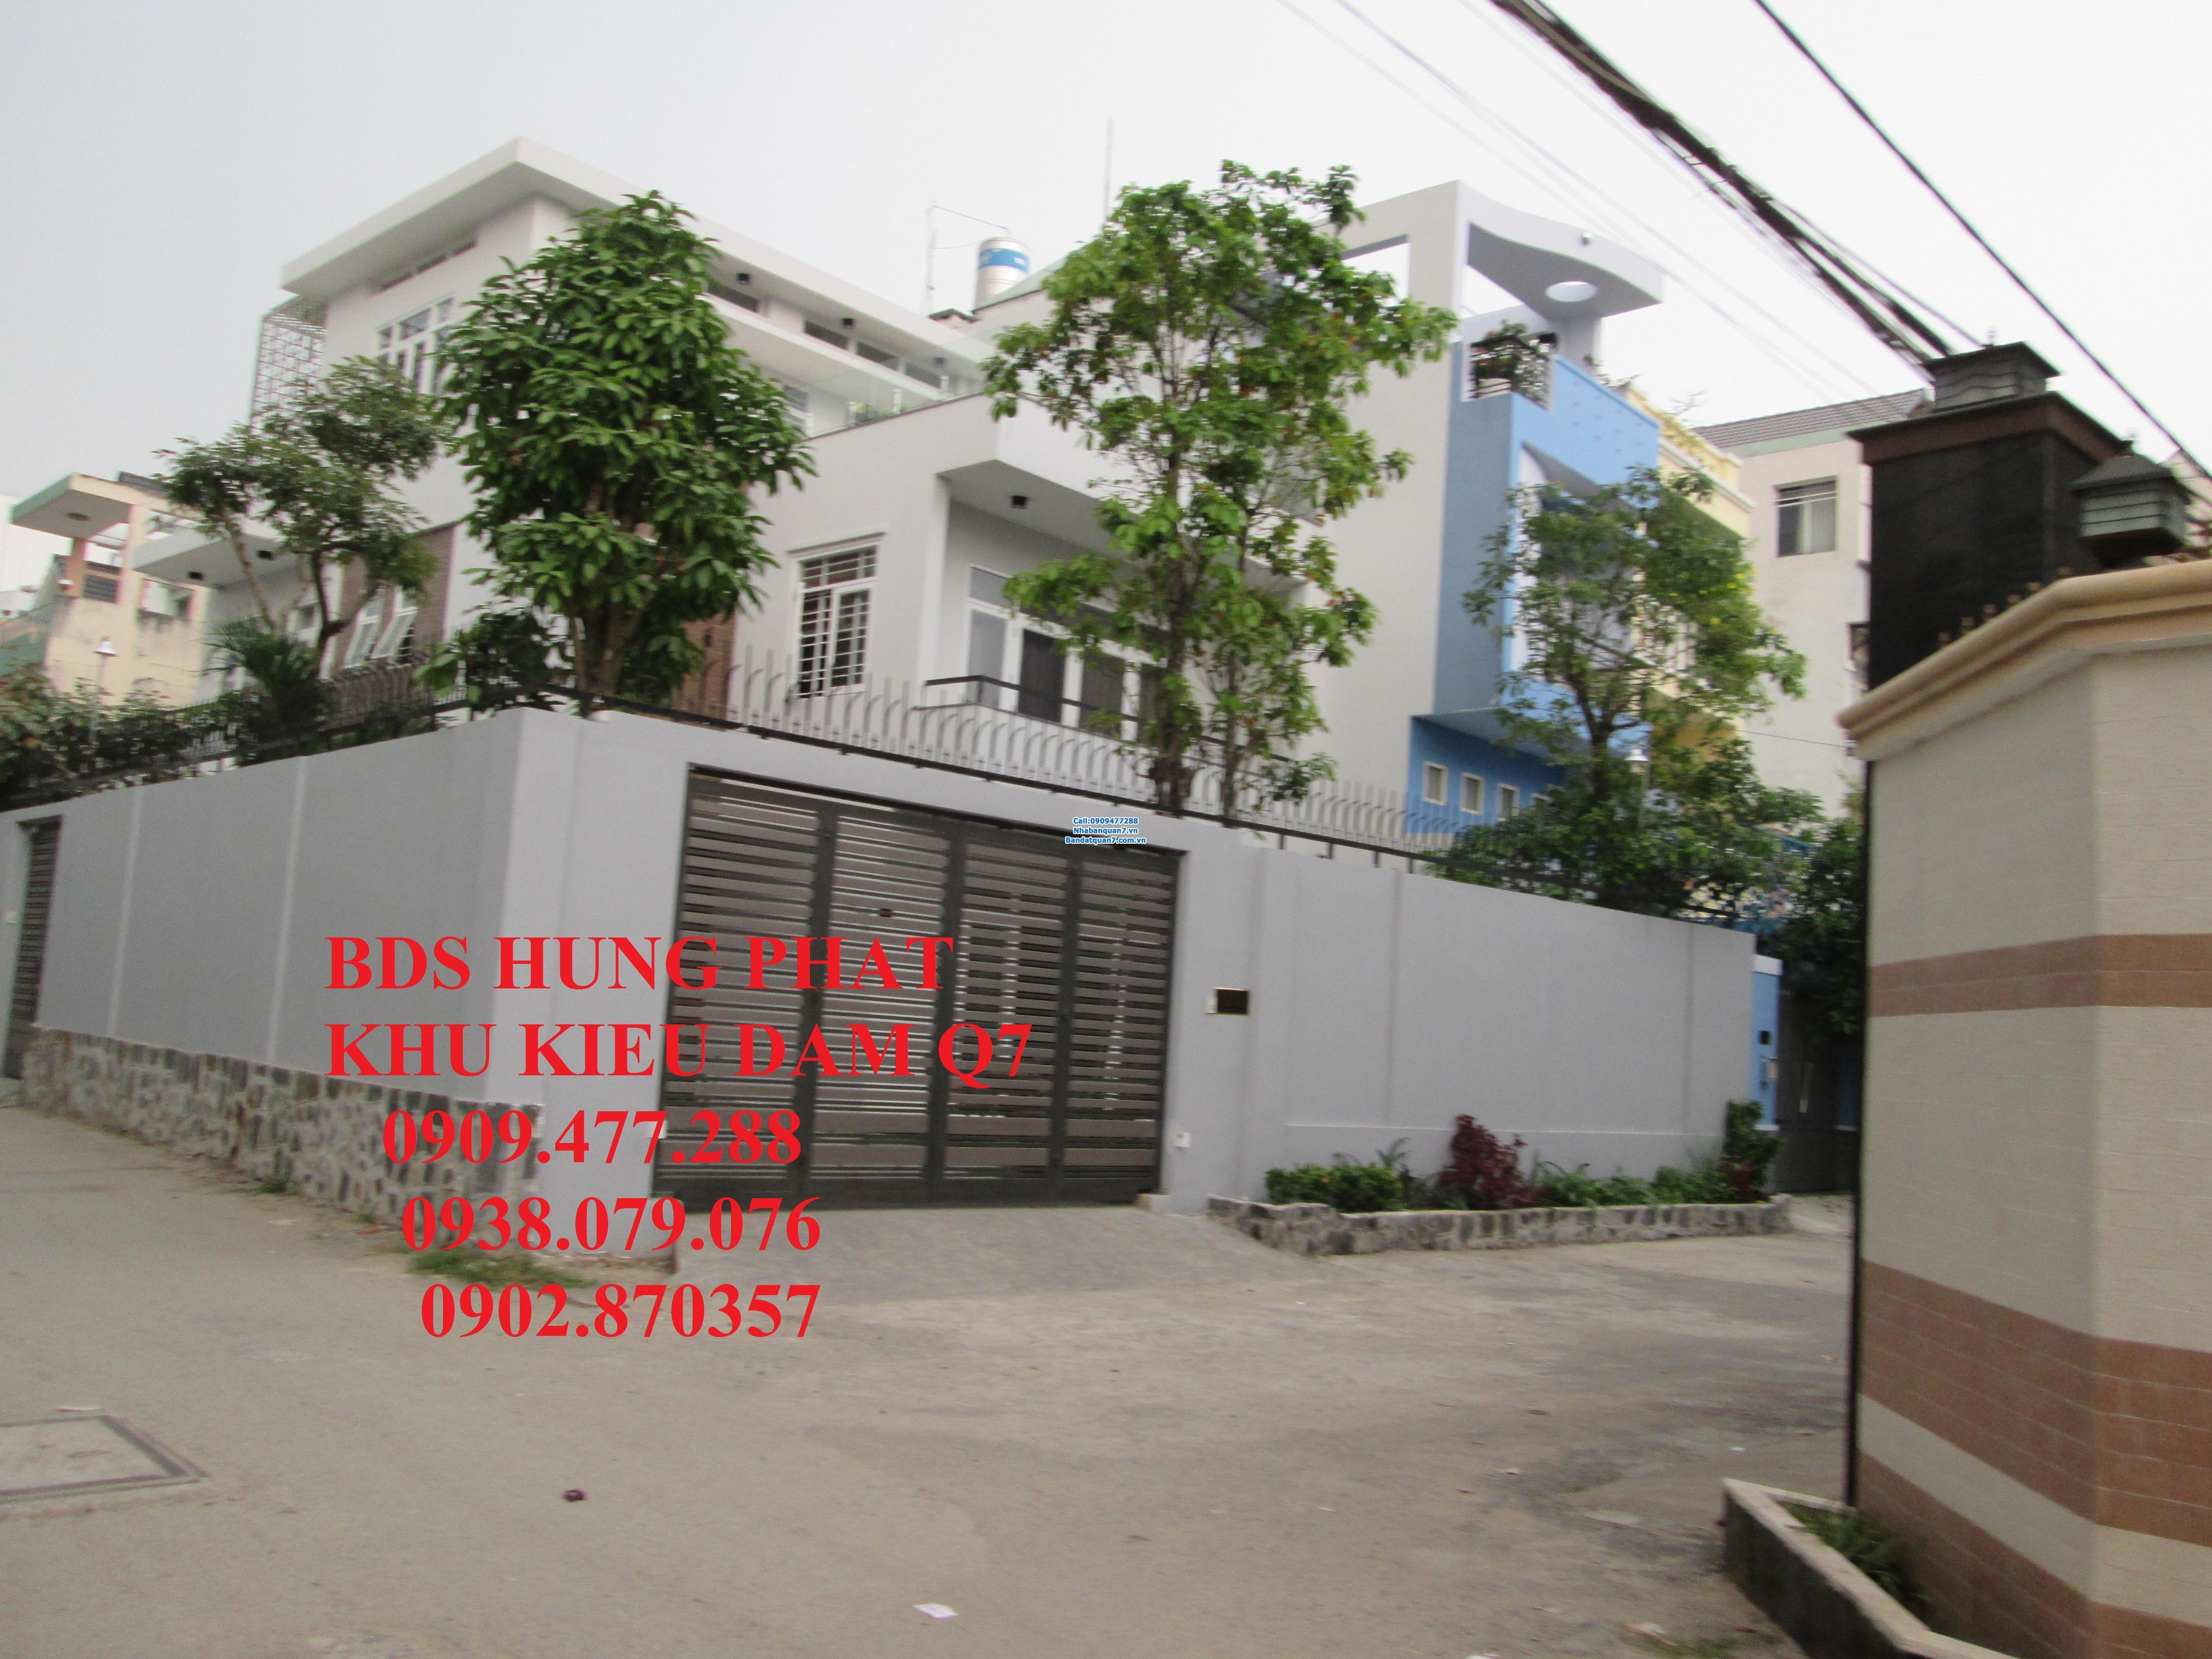 Bán đất khu Him Lam Kênh Tẻ quận 7, nhiều diện tích linh hoạt, giá cực kì hấp dẫn.